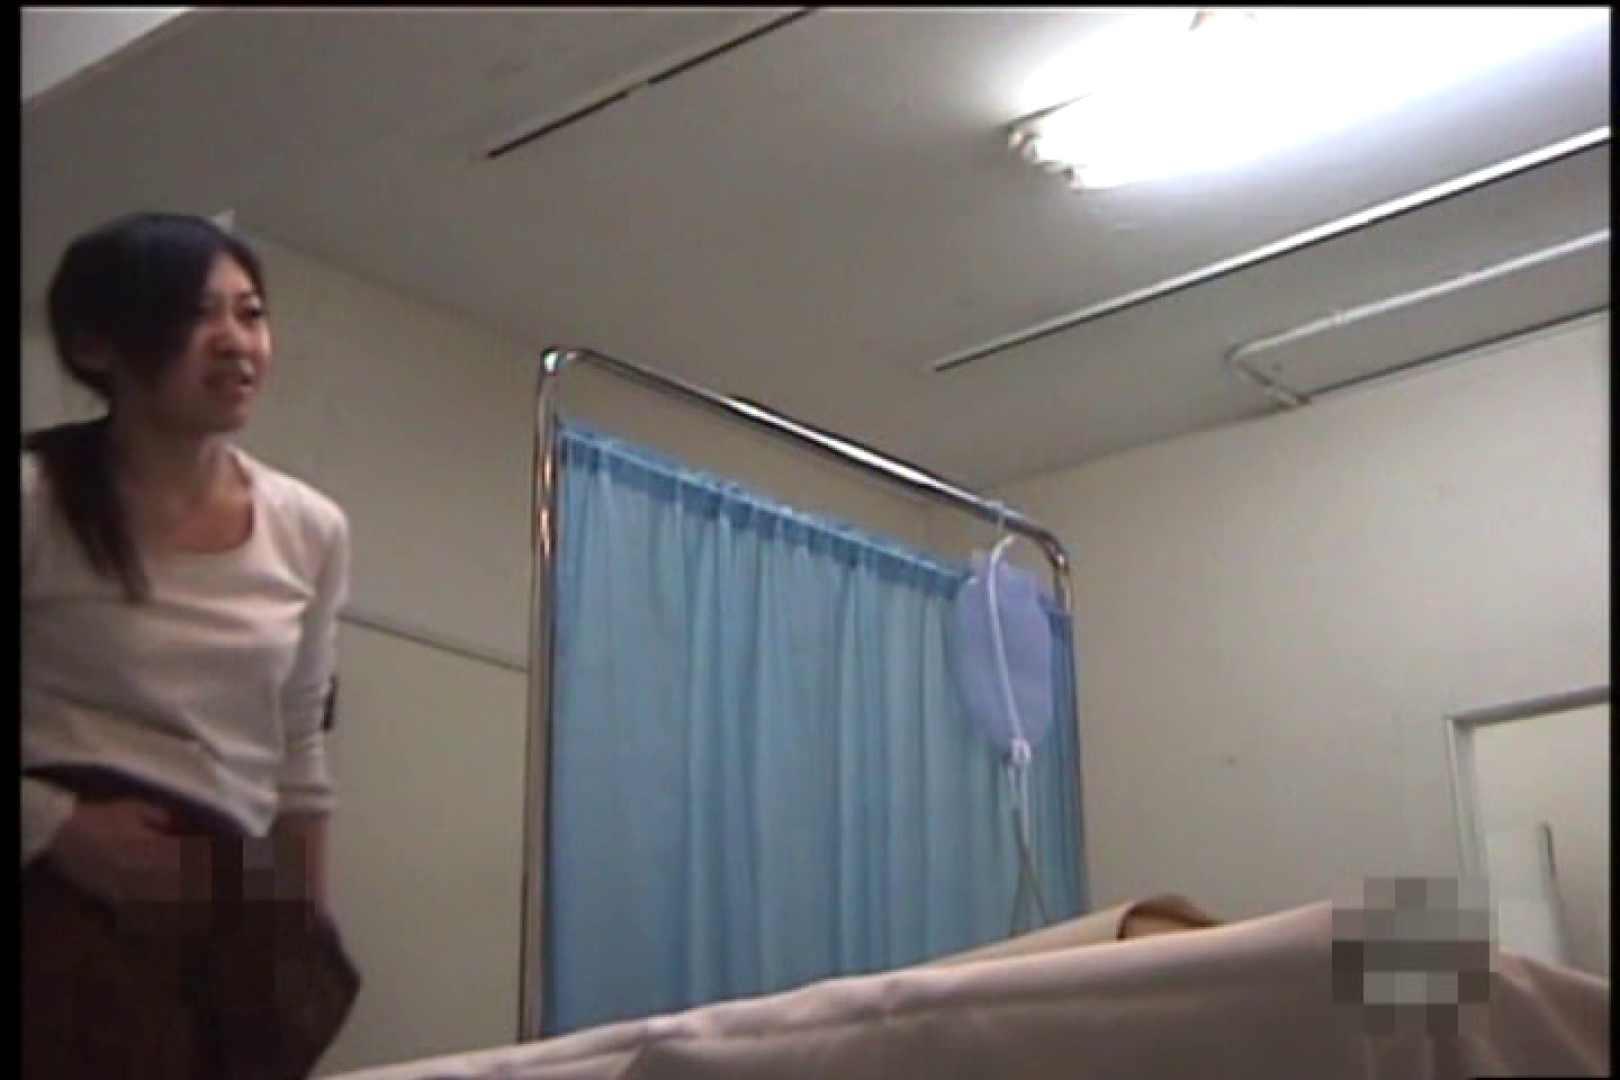 逆噴射病院 肛門科Vol.5 ワルノリ おめこ無修正画像 94画像 50